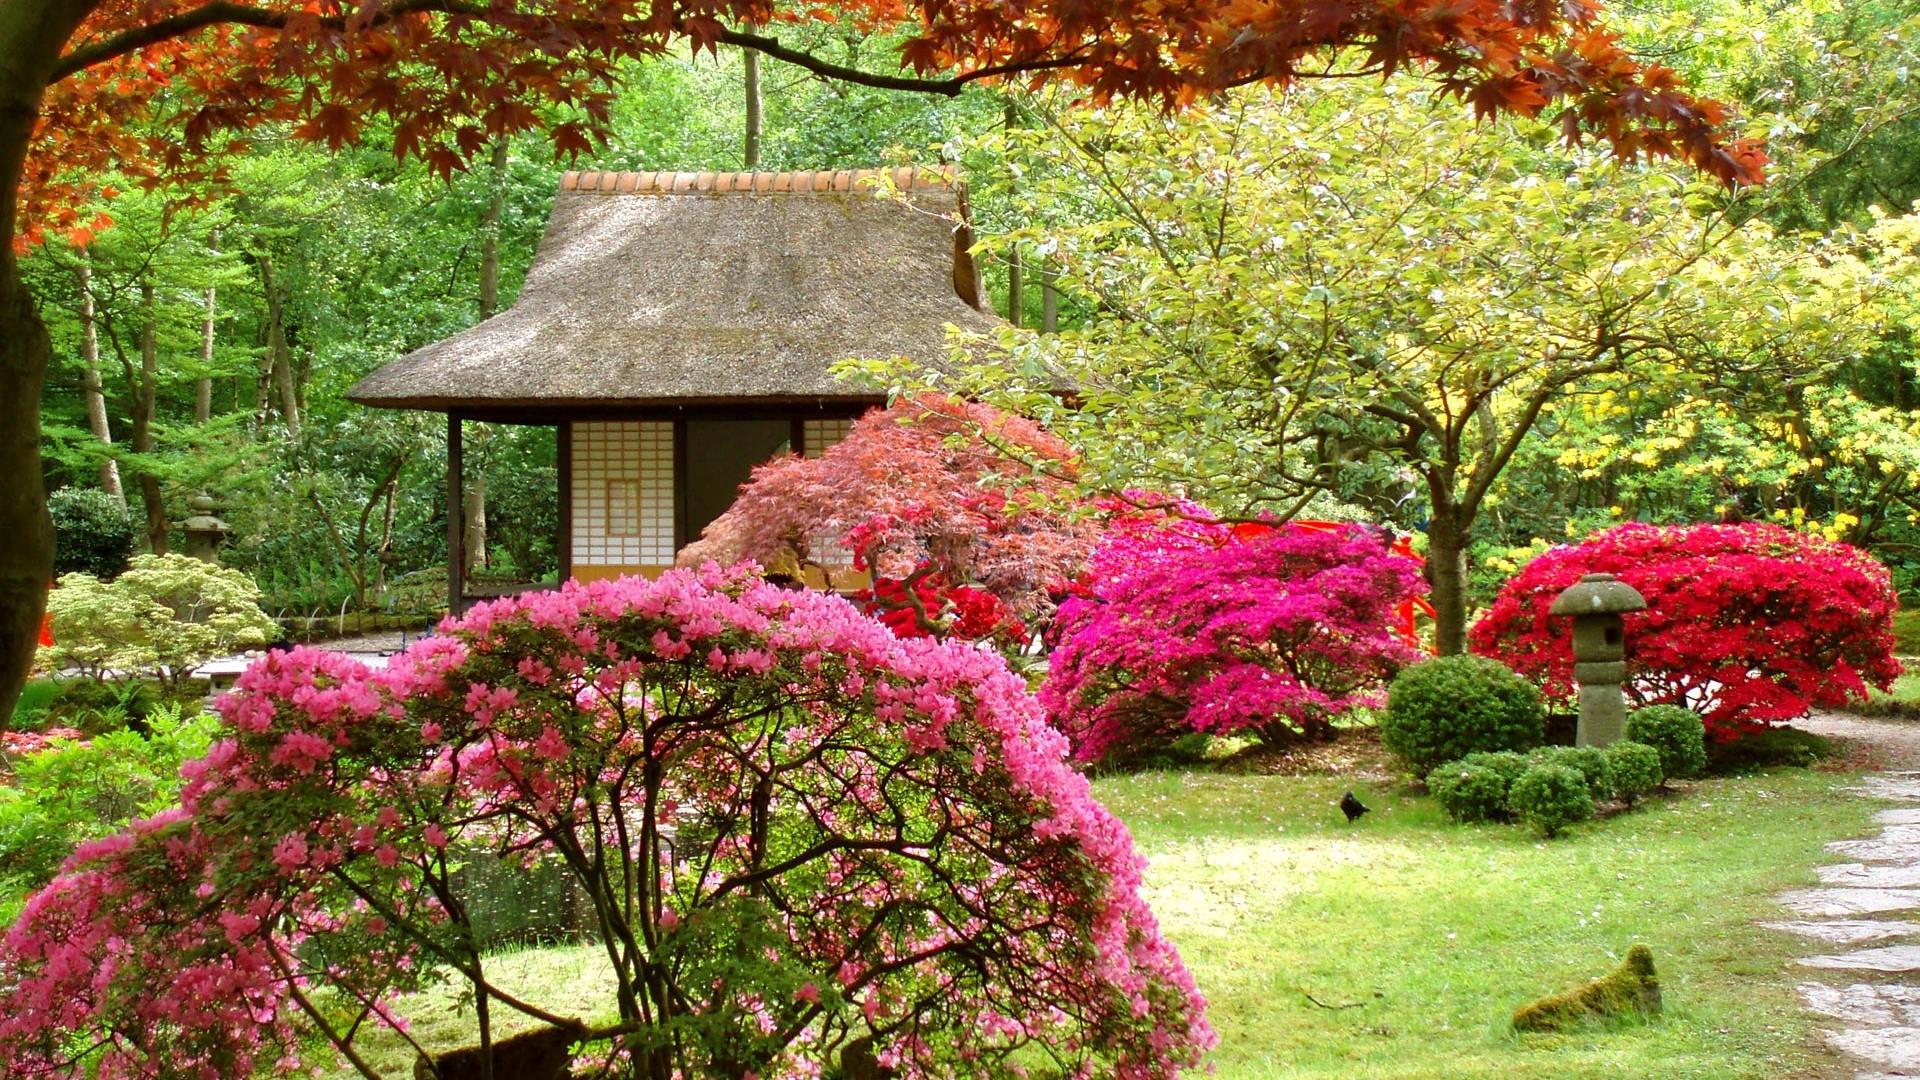 Garden Wallpapers Best Wallpapers 1920x1080